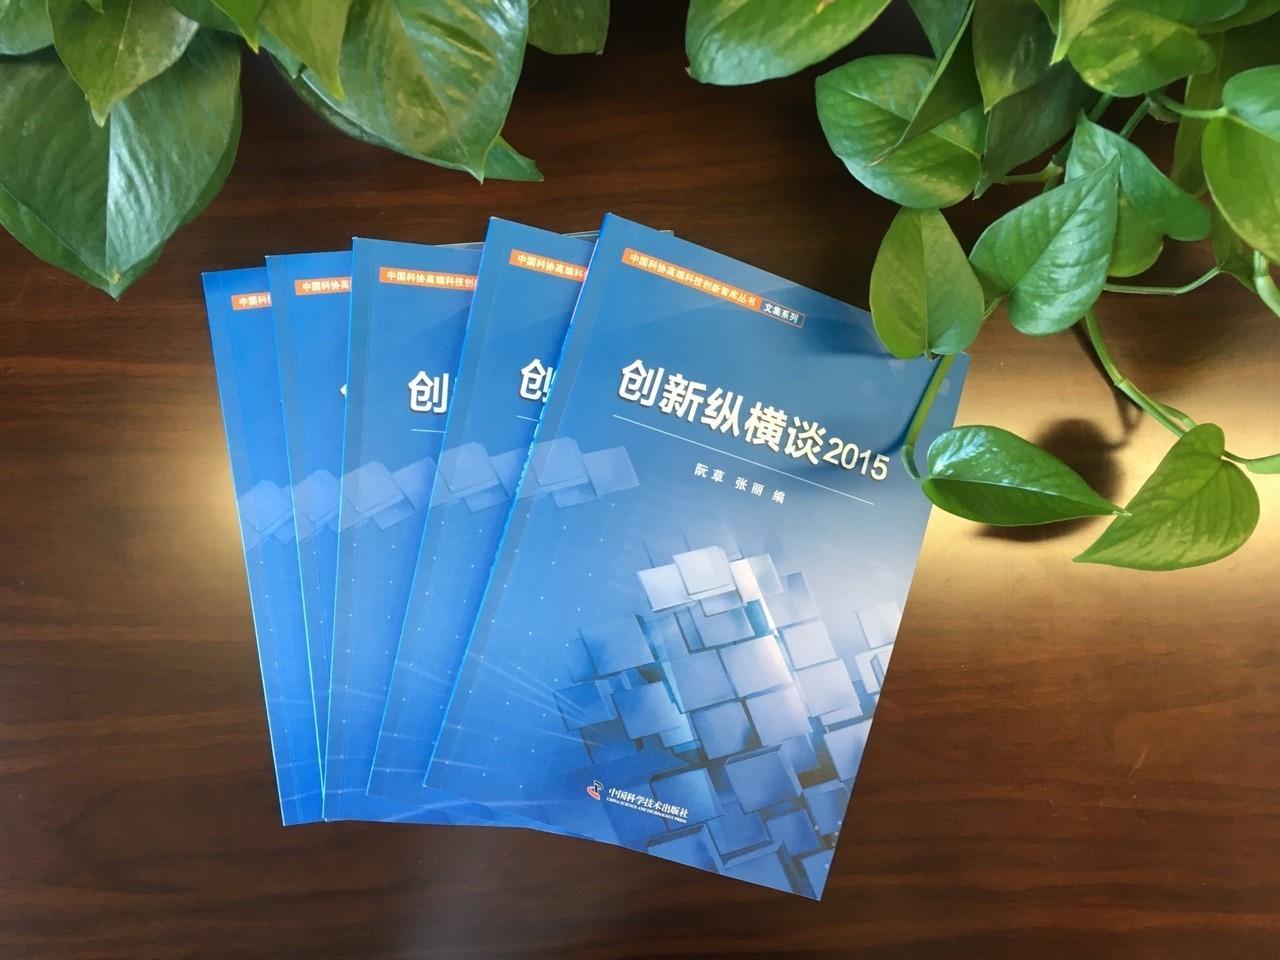 包装 包装设计 购物纸袋 纸袋 600_450图片